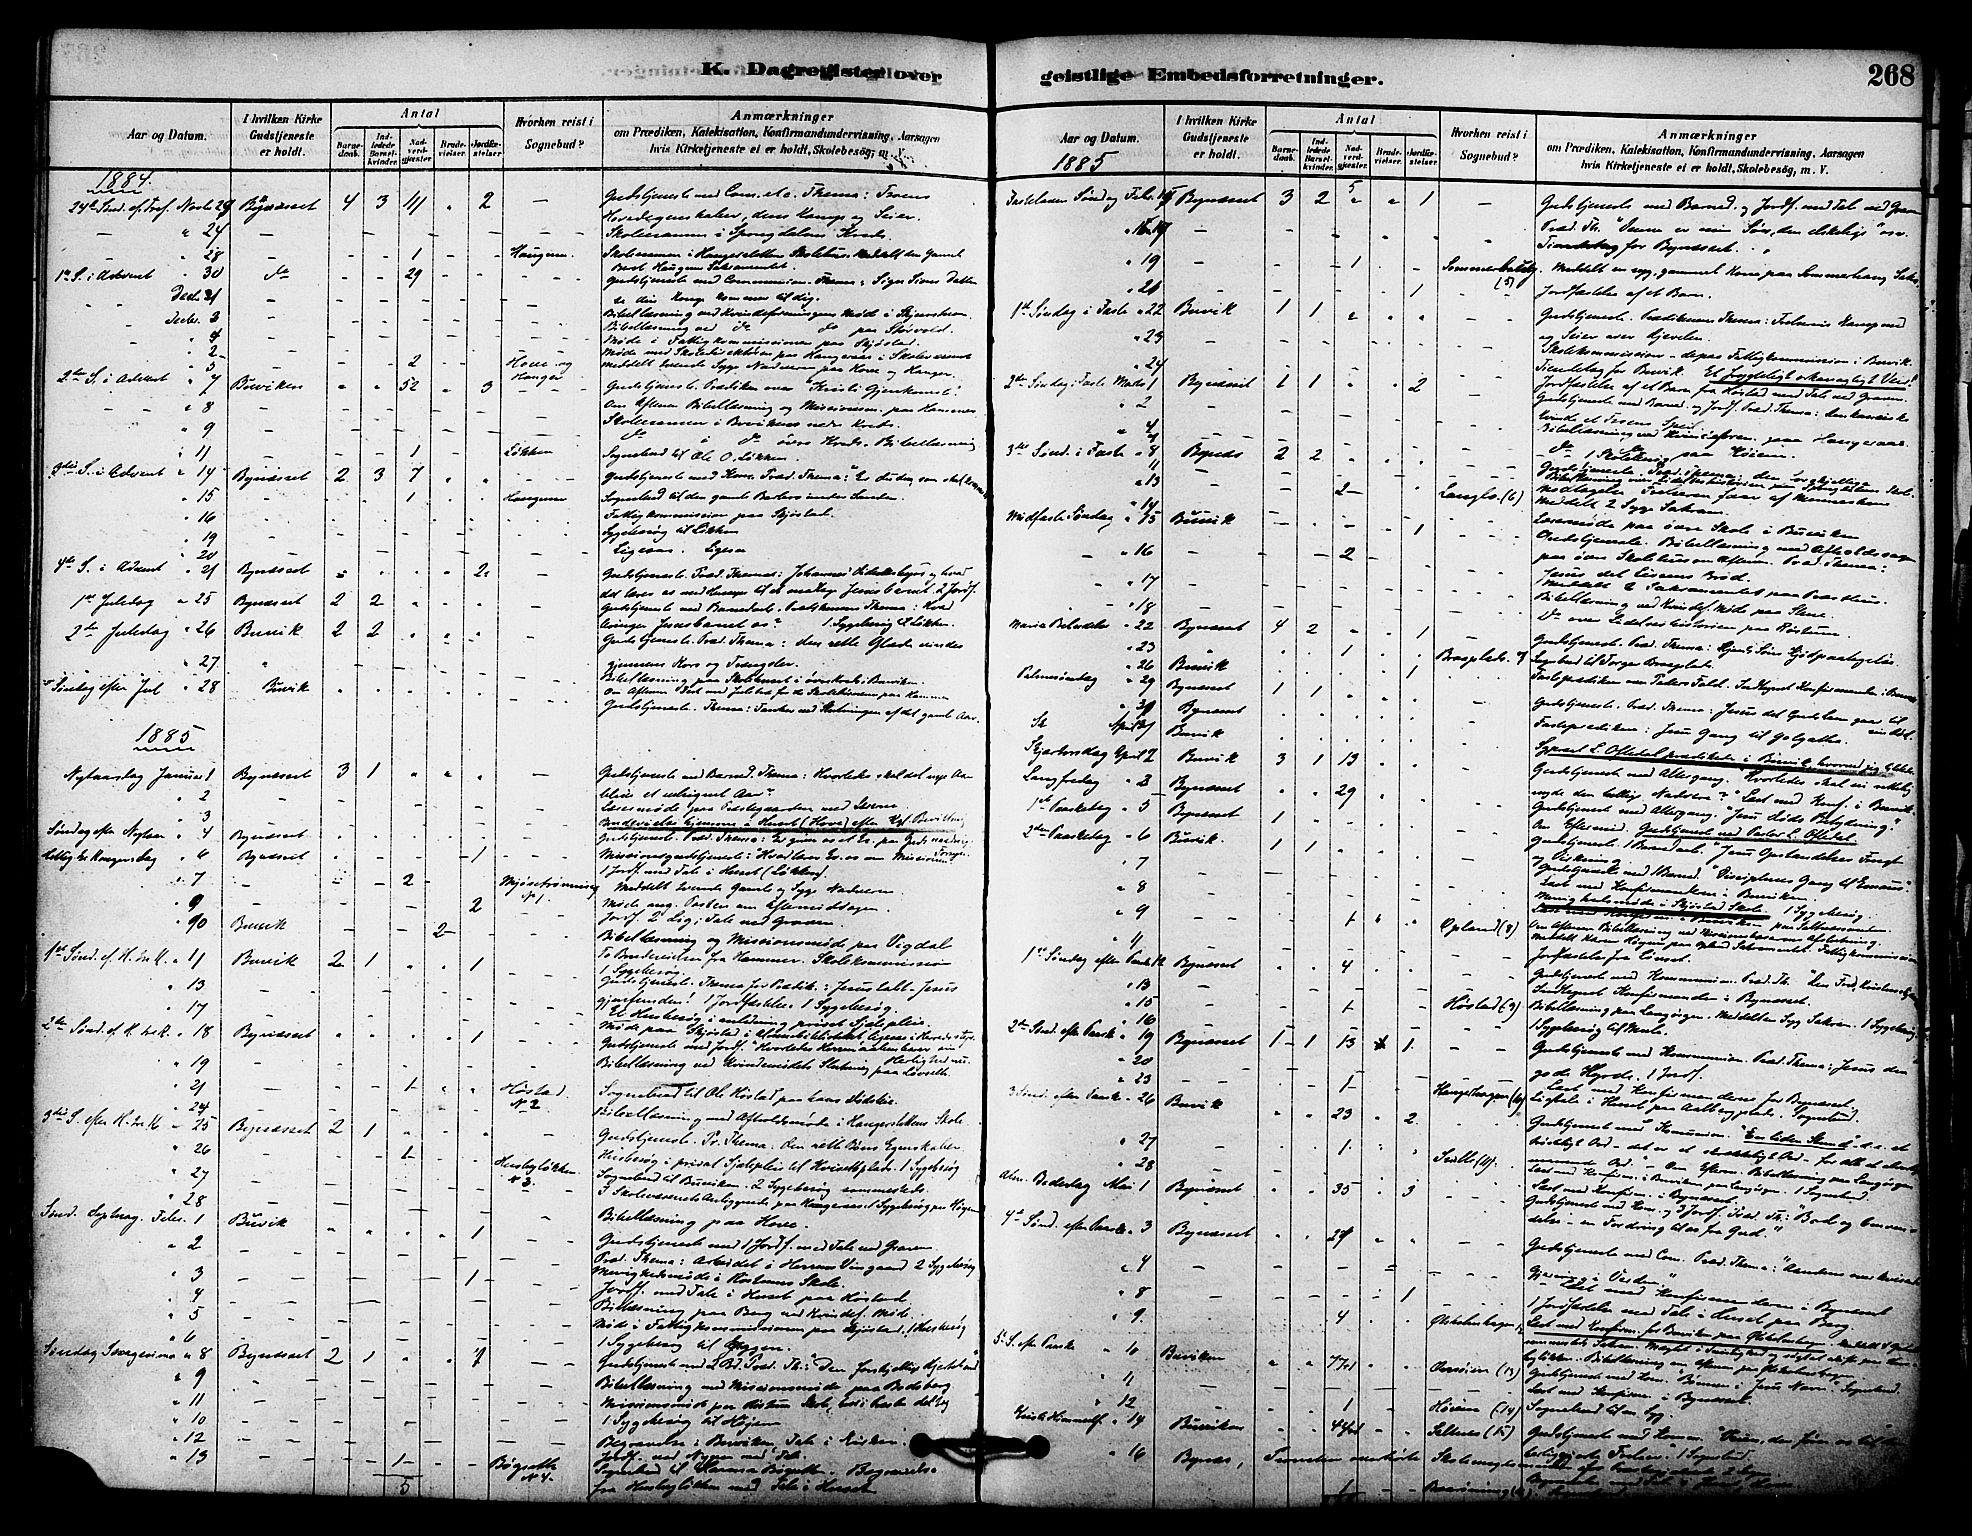 SAT, Ministerialprotokoller, klokkerbøker og fødselsregistre - Sør-Trøndelag, 612/L0378: Ministerialbok nr. 612A10, 1878-1897, s. 268